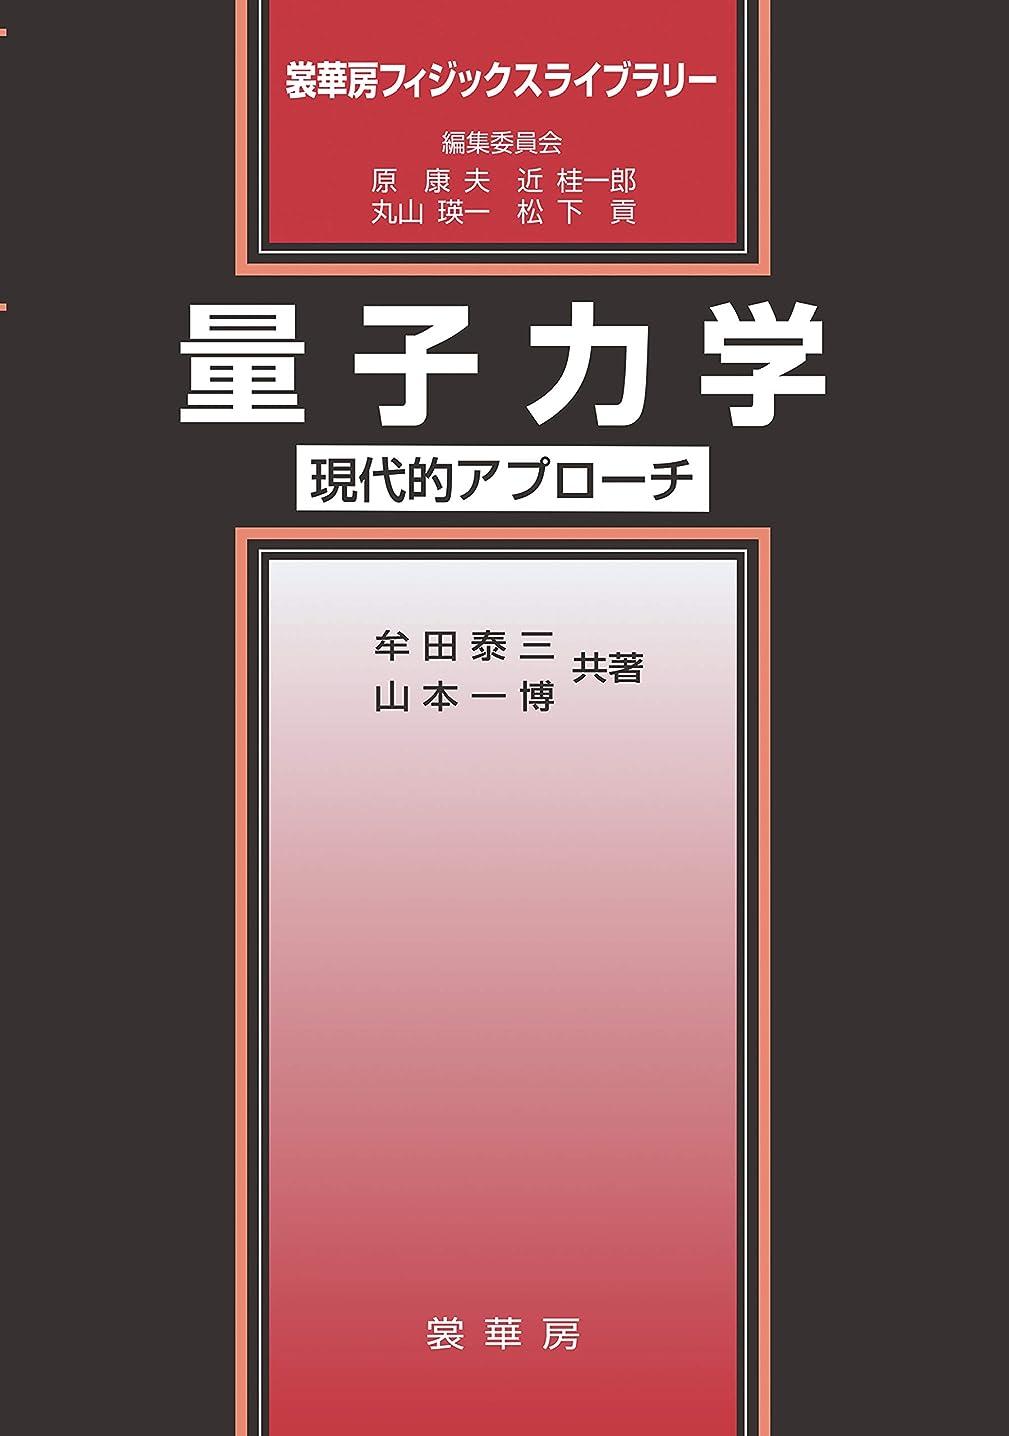 活性化するスペード運賃量子力学 ~現代的アプローチ~ (裳華房フィジックスライブラリー)